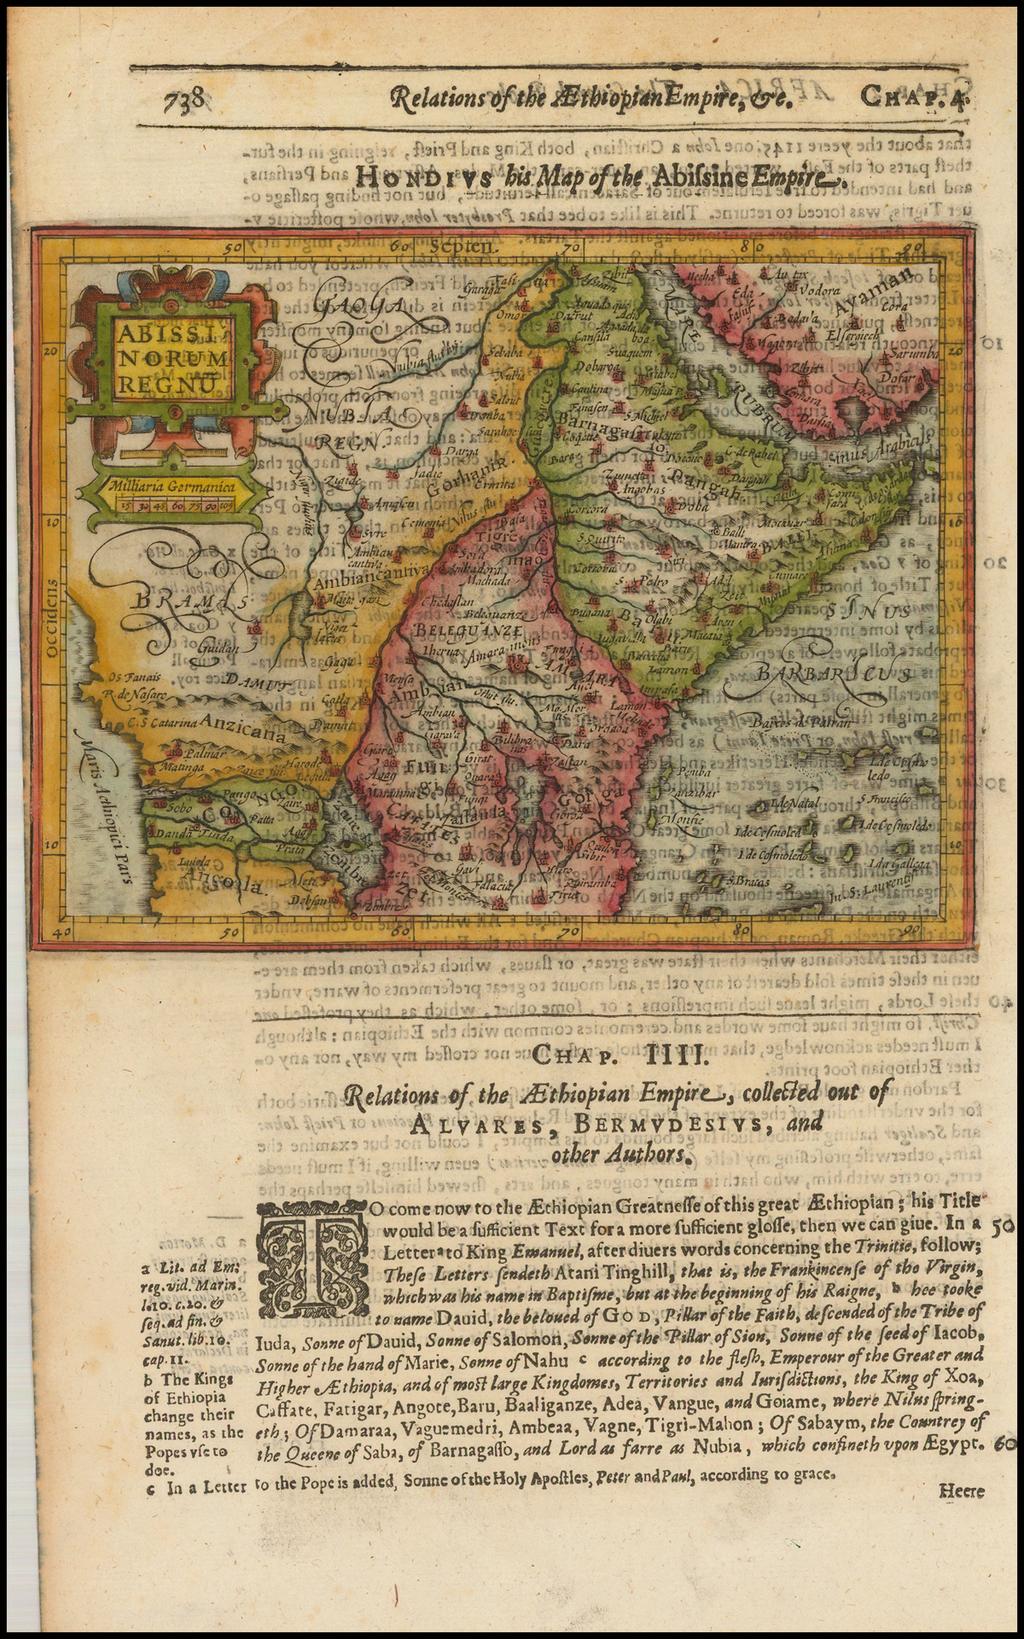 Abissinorum Regnu By Jodocus Hondius / Samuel Purchas